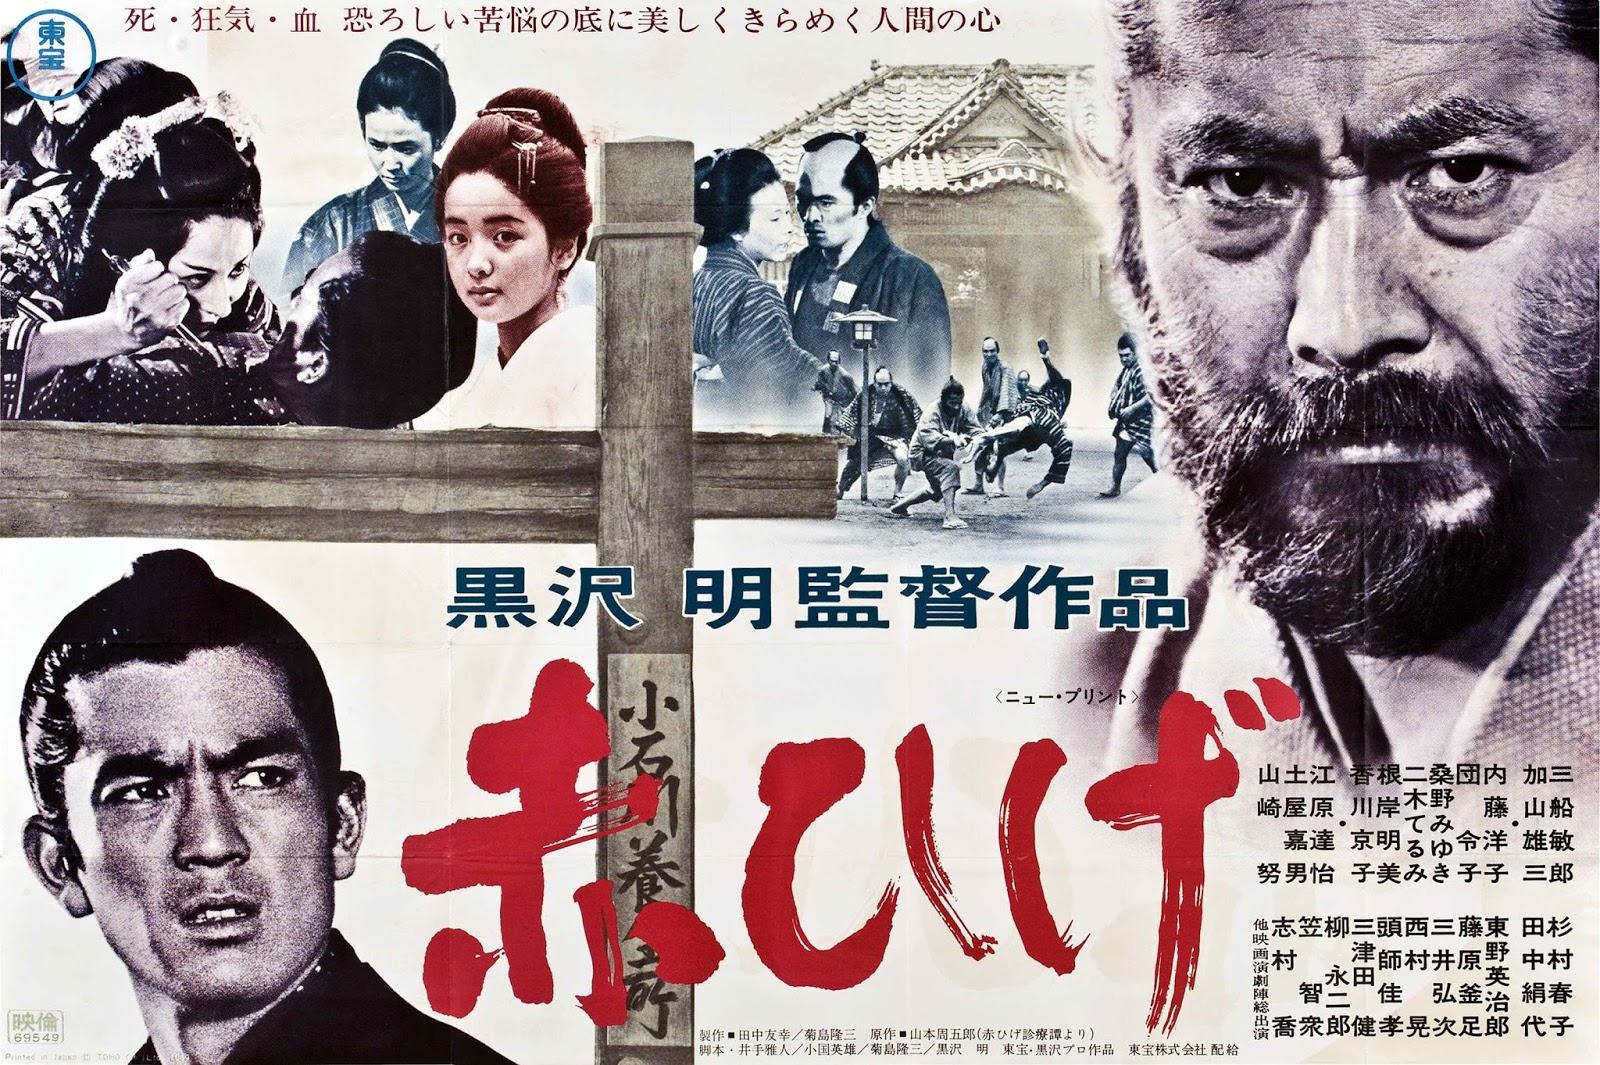 赤ひげ(1965年日本映画) | り...